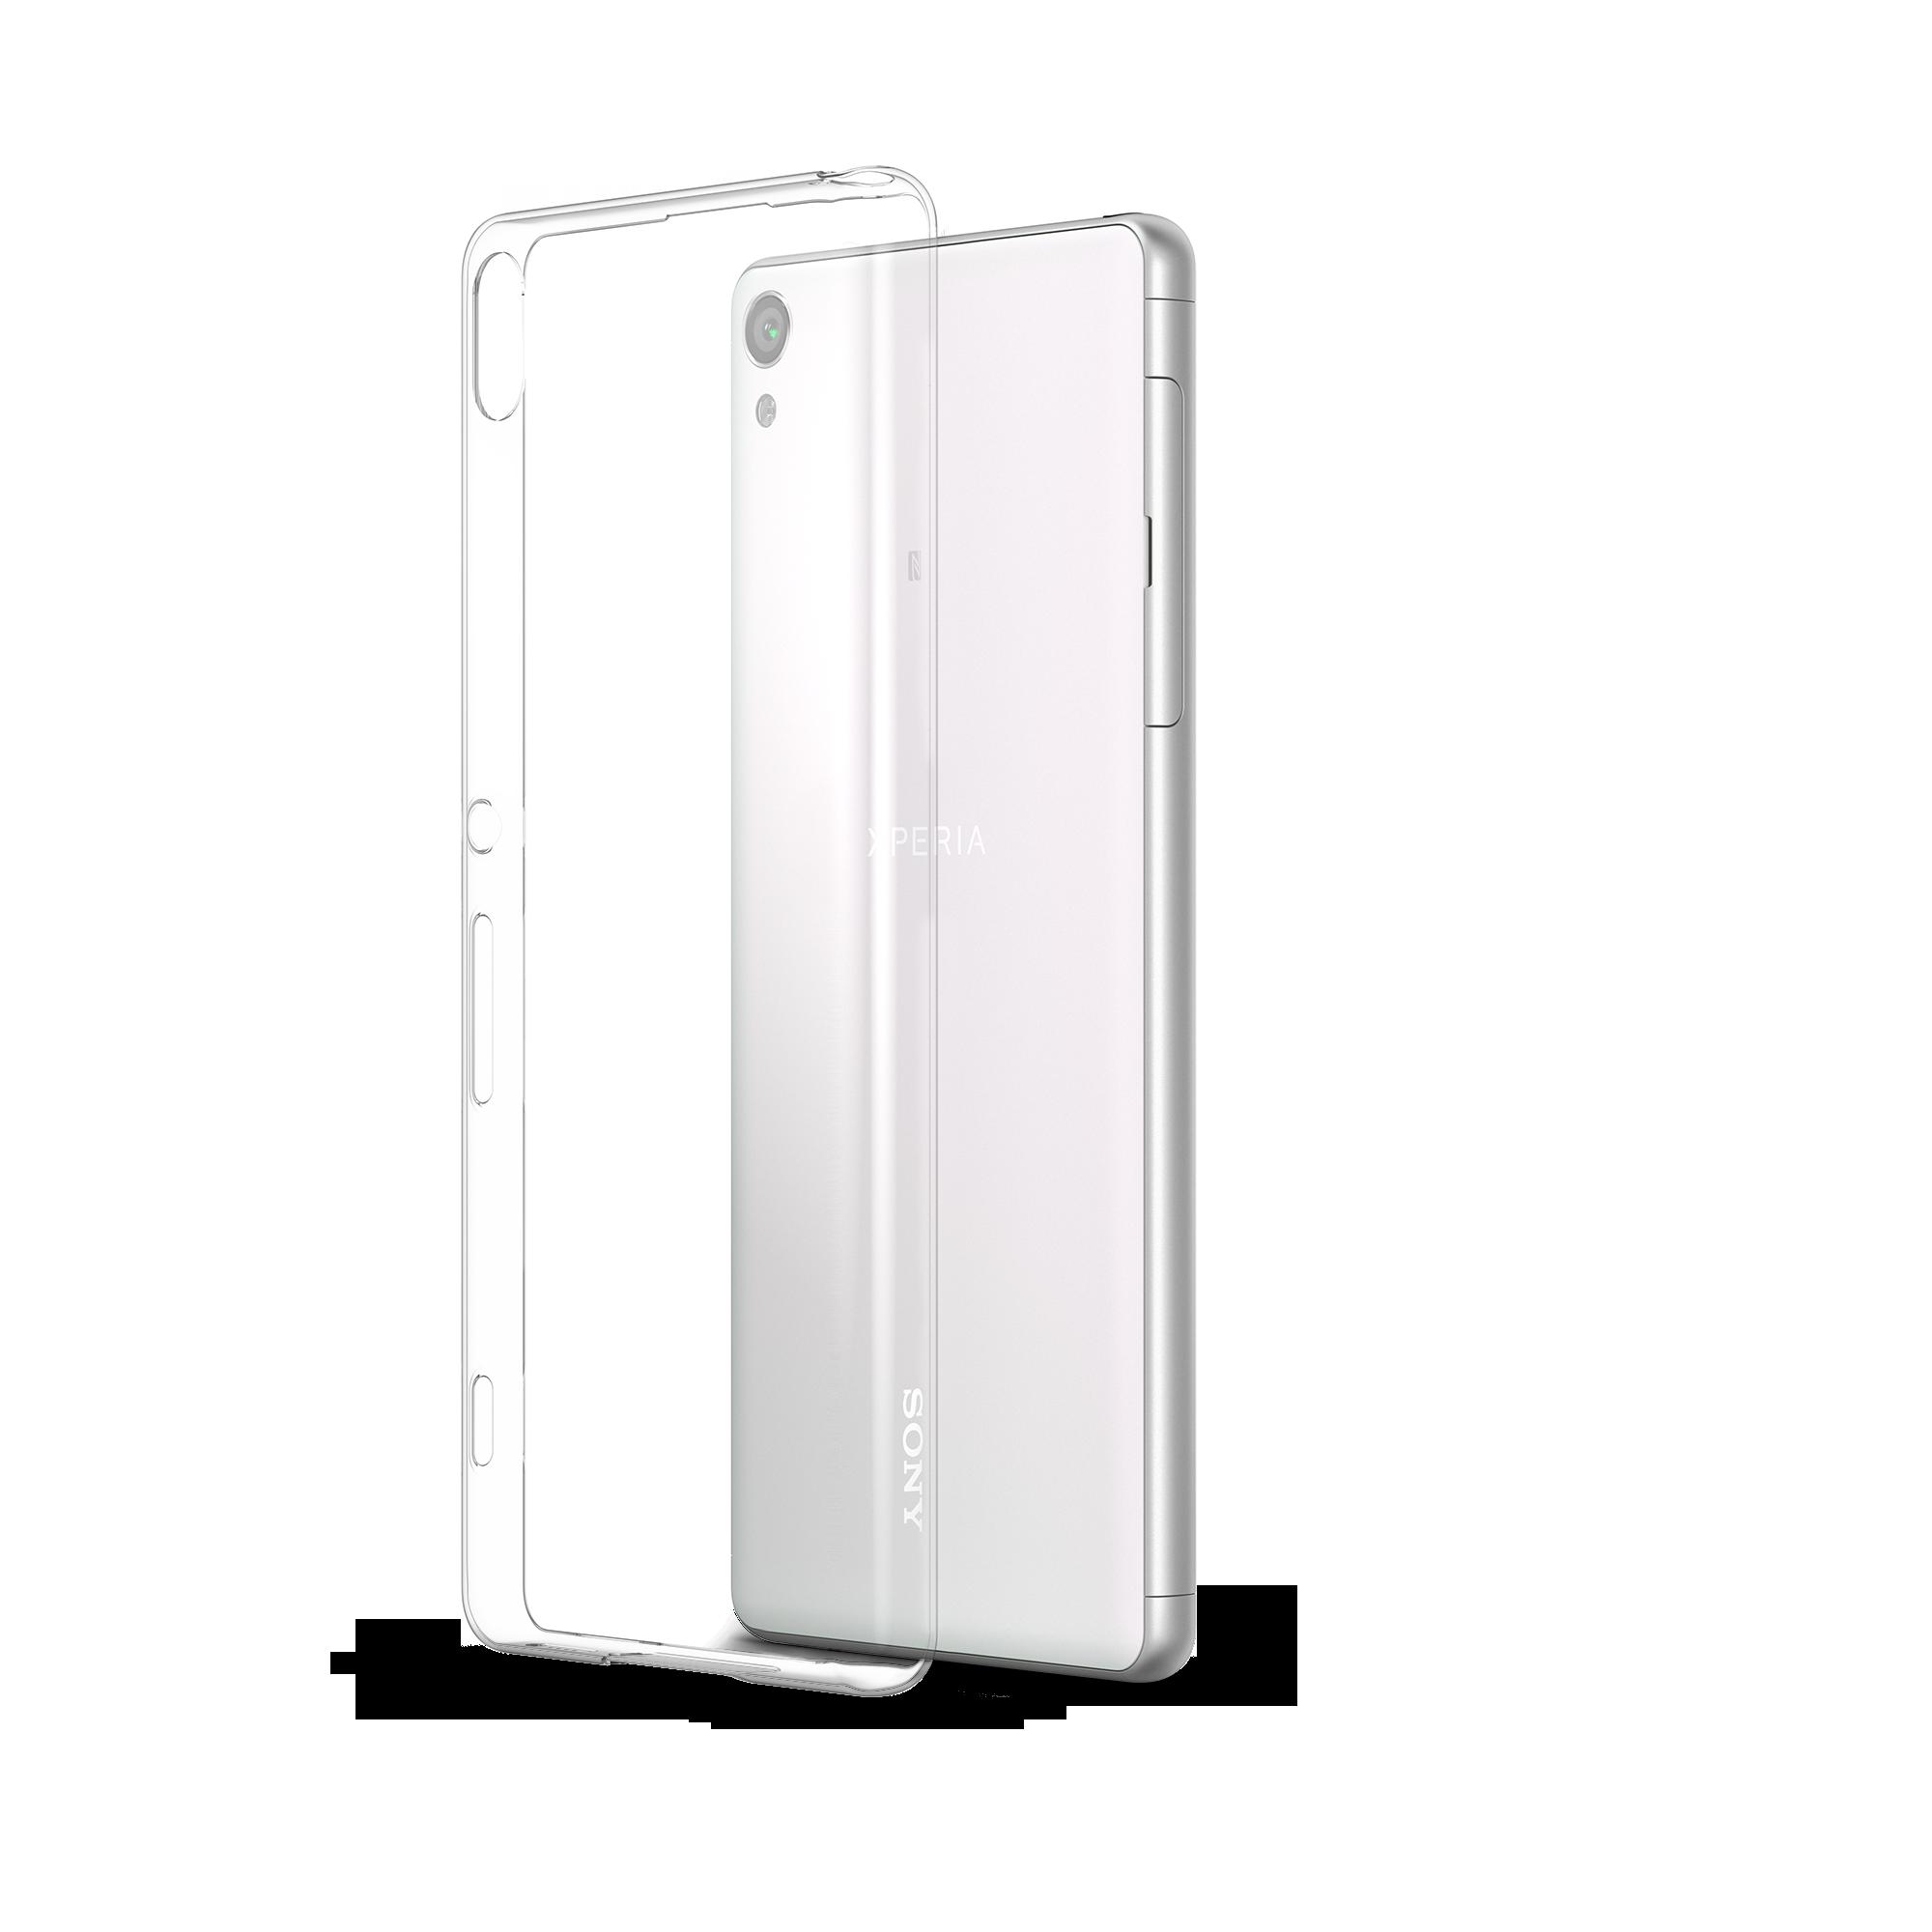 Sony Xperia XA funda